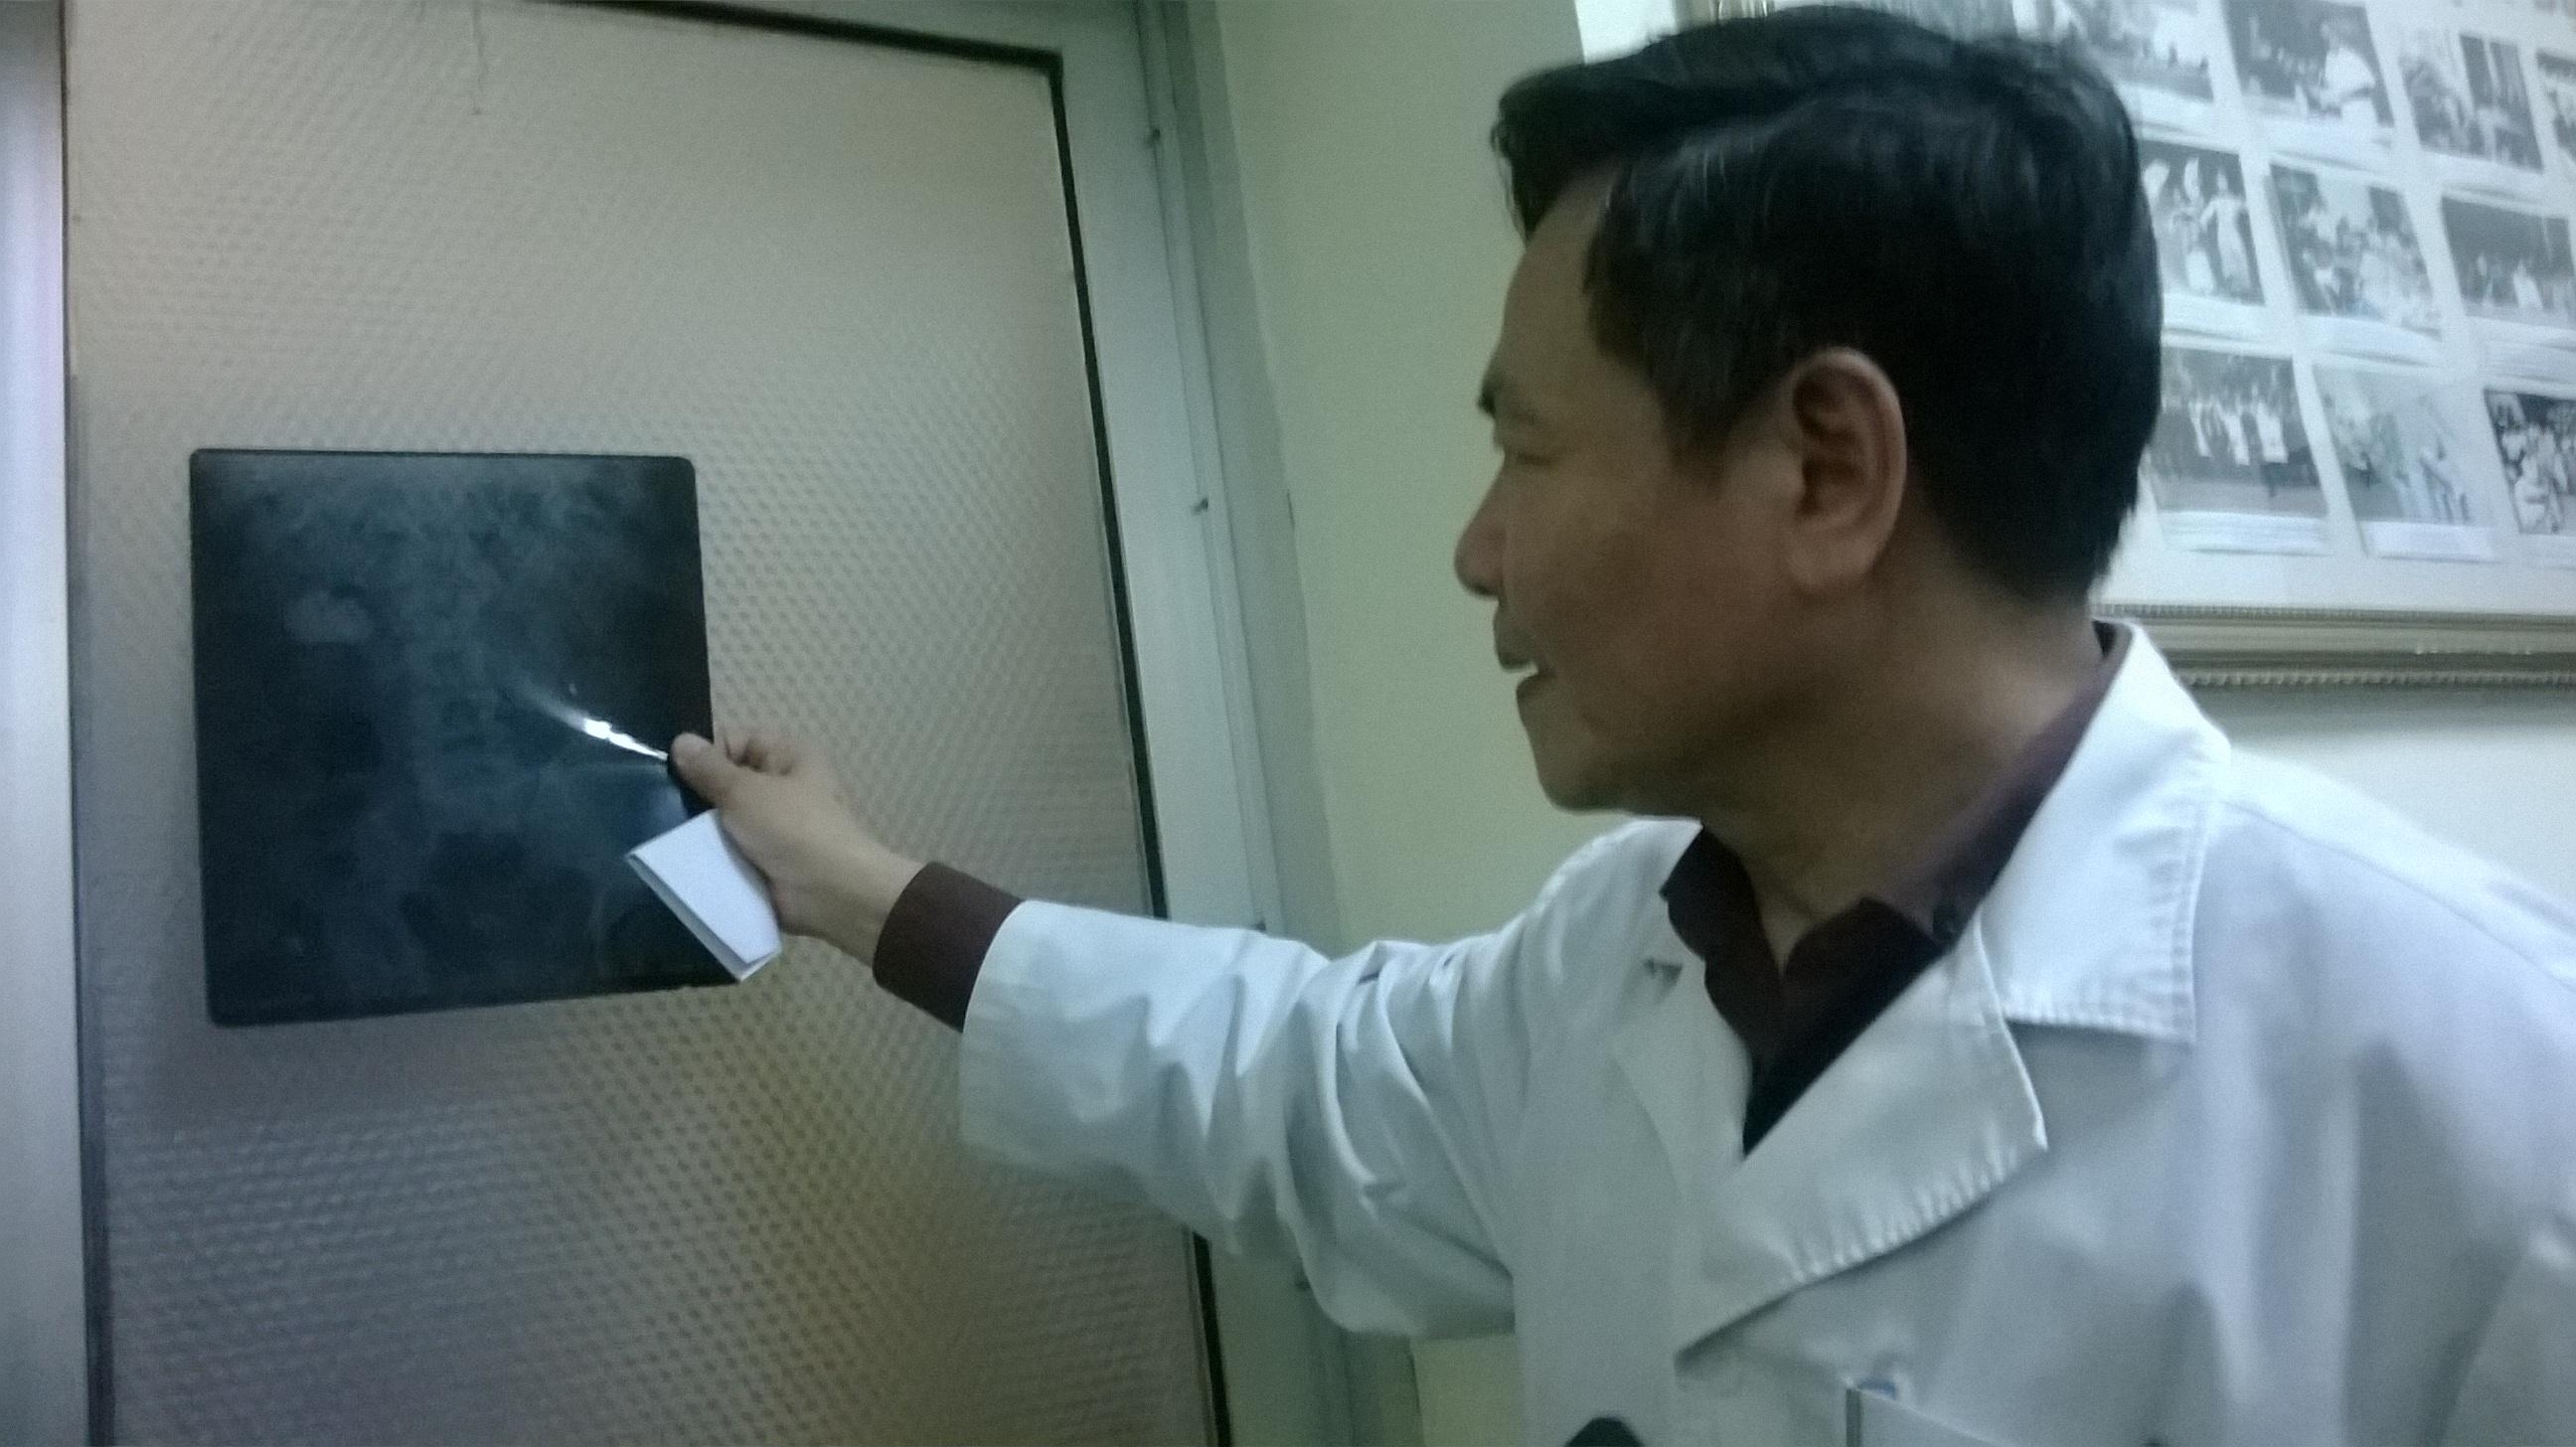 Sau việc bệnh nhân tử vong: Bệnh viện E tạm dừng tán sỏi thận - Ảnh 1